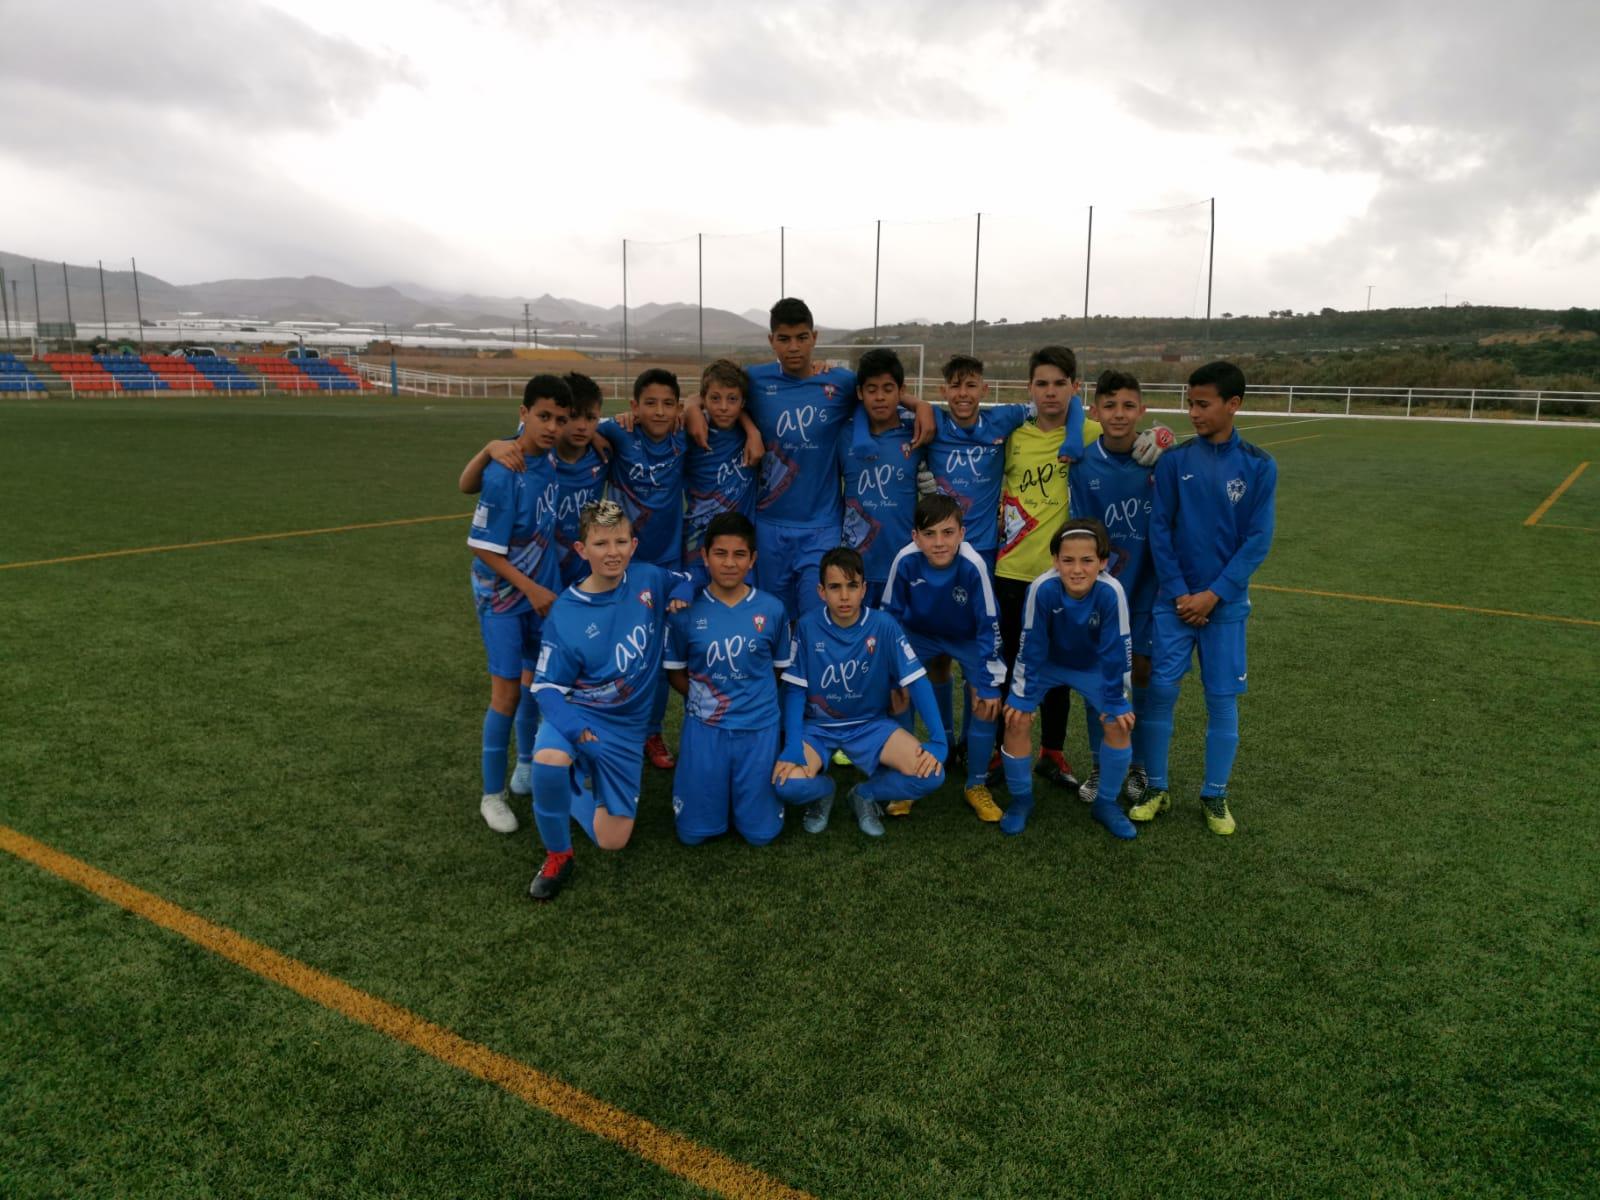 Nueva victoria del equipo infantil